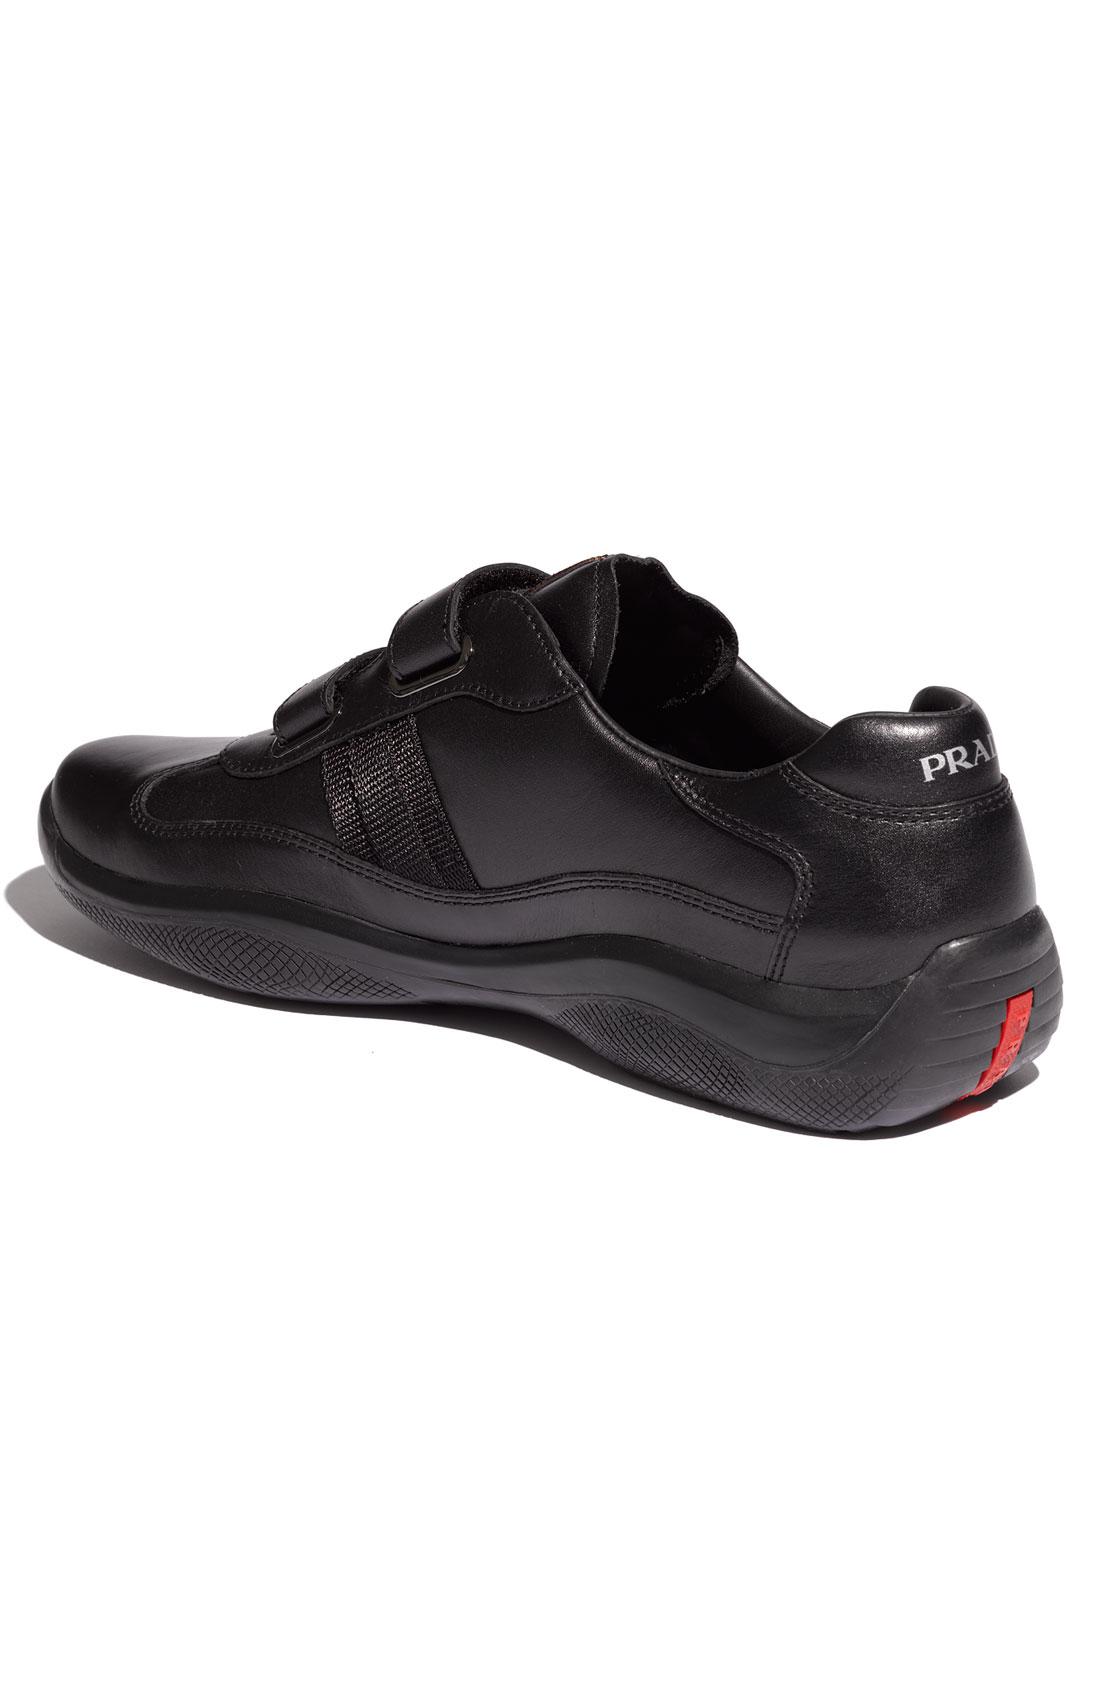 prada black saffiano lux tote - Prada Eagle Double Strap Sneaker Men in Black for Men | Lyst